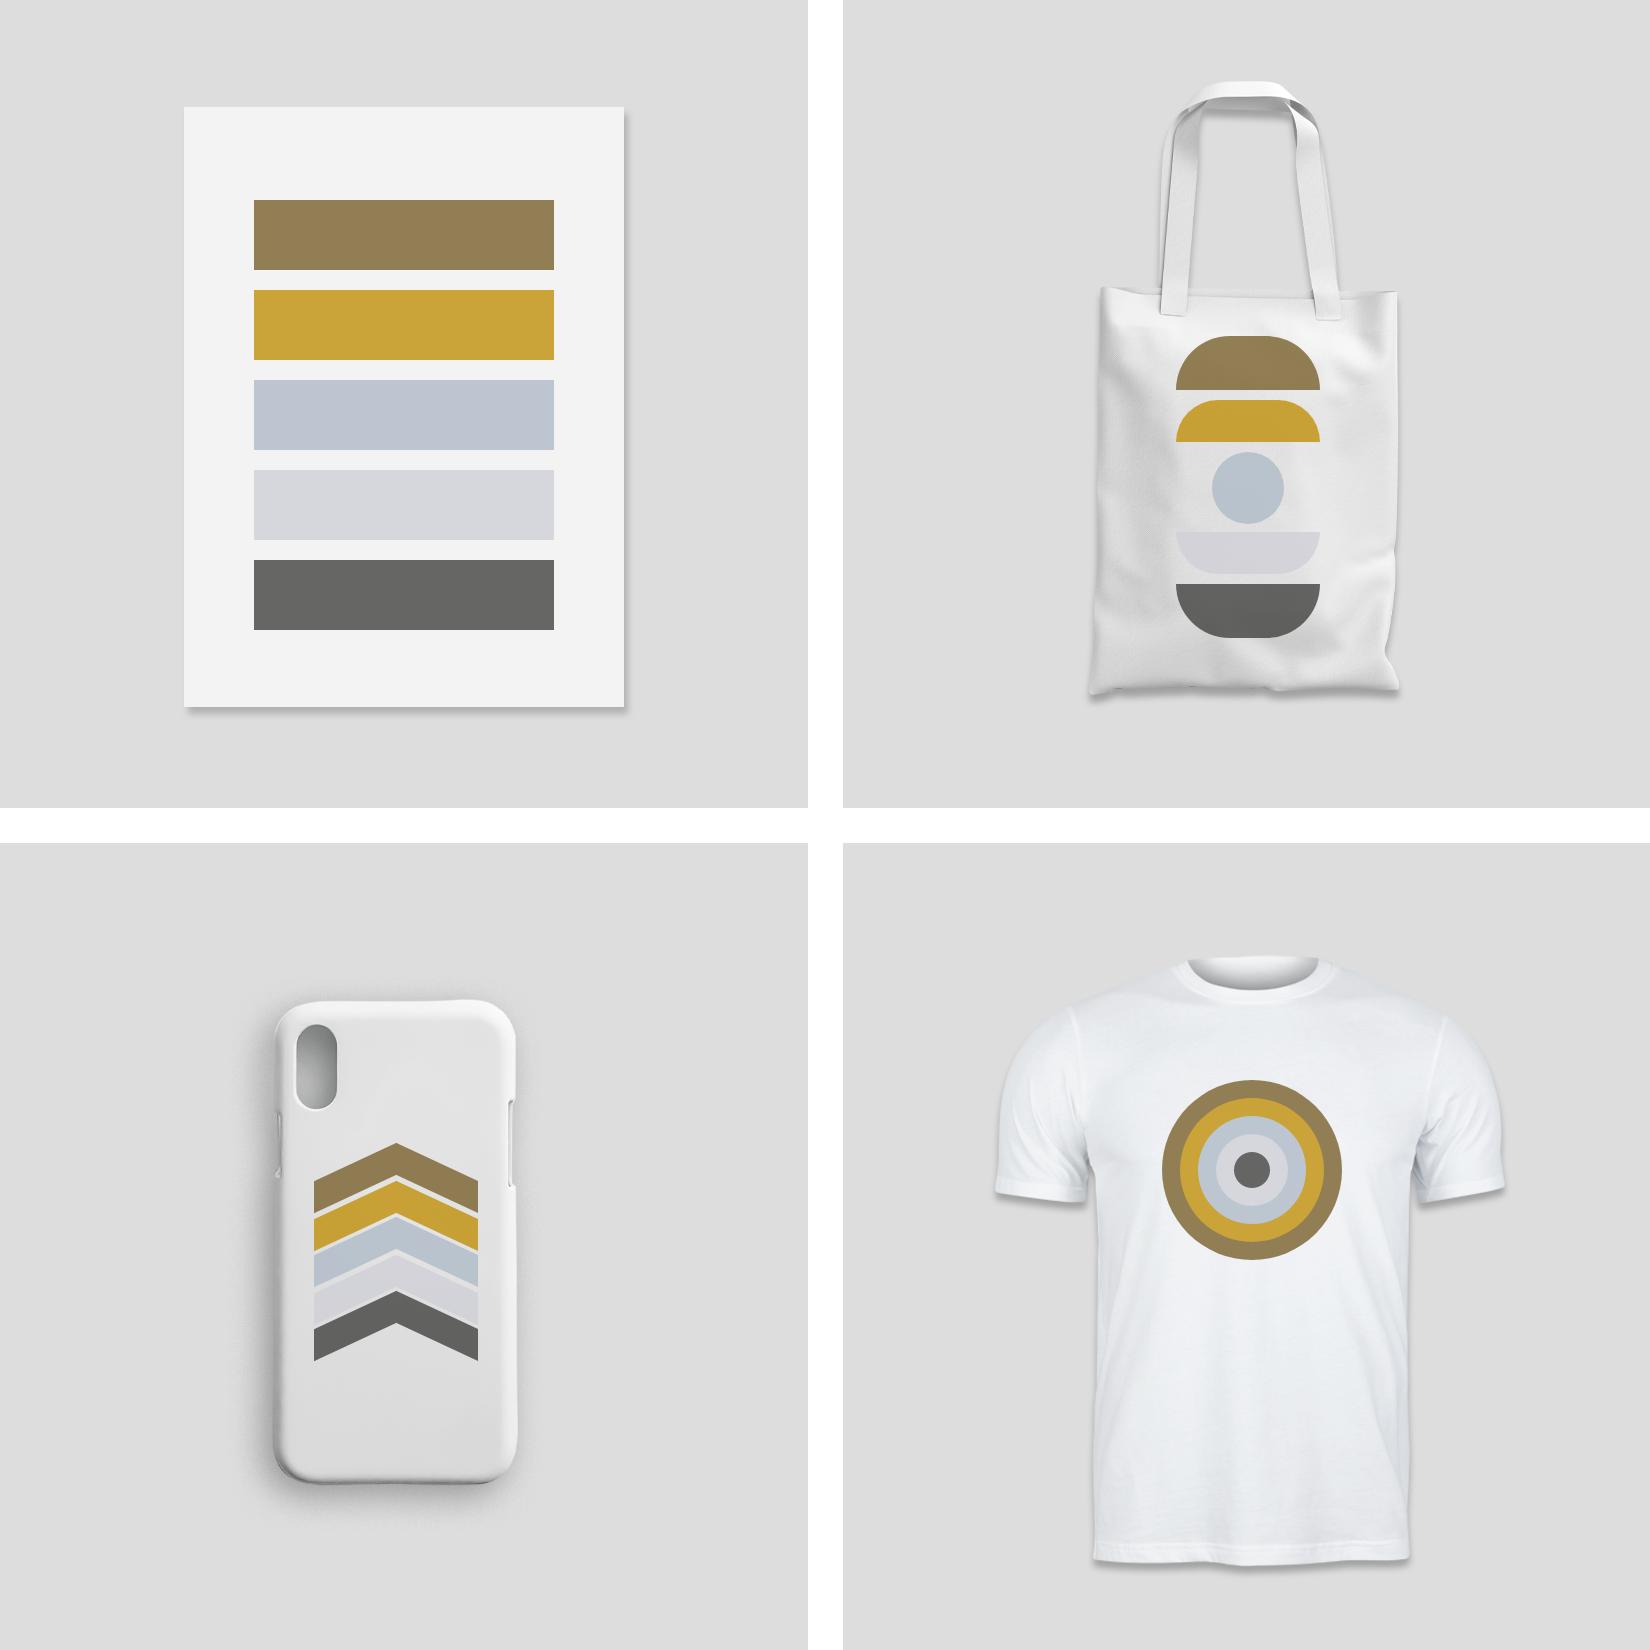 Letölthető nyomtatható designok ötletek 1. - Szinpaletta 5. - szinpaletta.hu